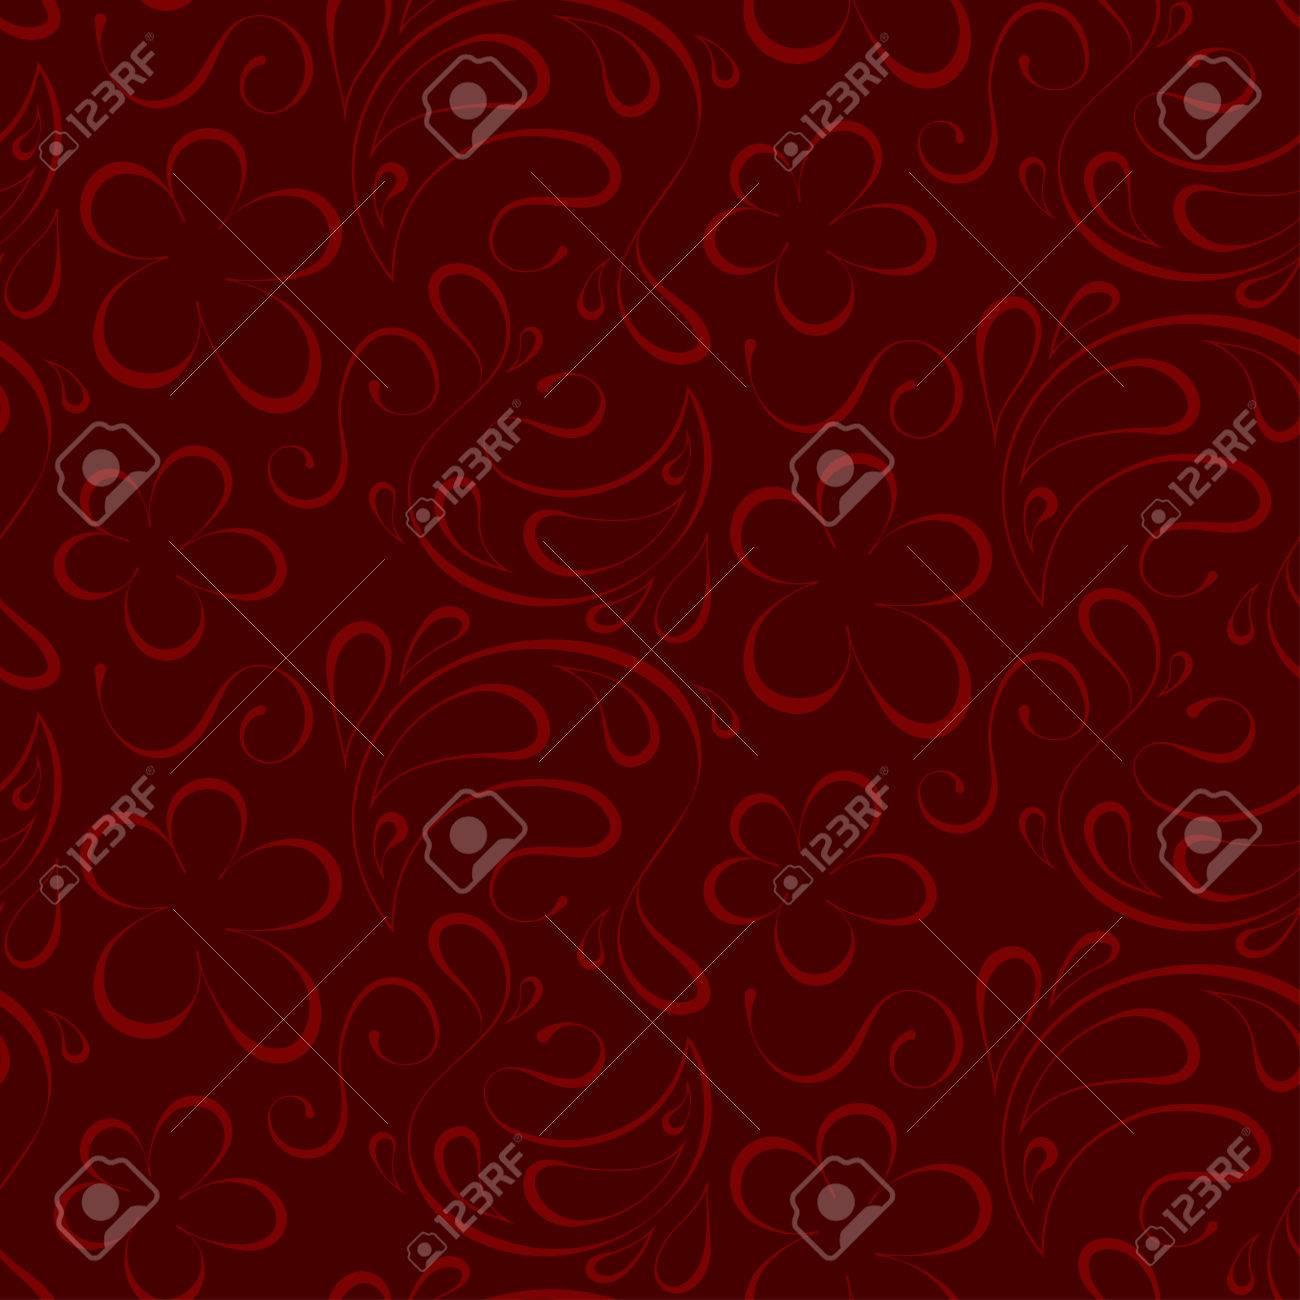 Vector Floral Background Senza Soluzione Di Continuità Rosso Modello A Sfondo Bordeaux